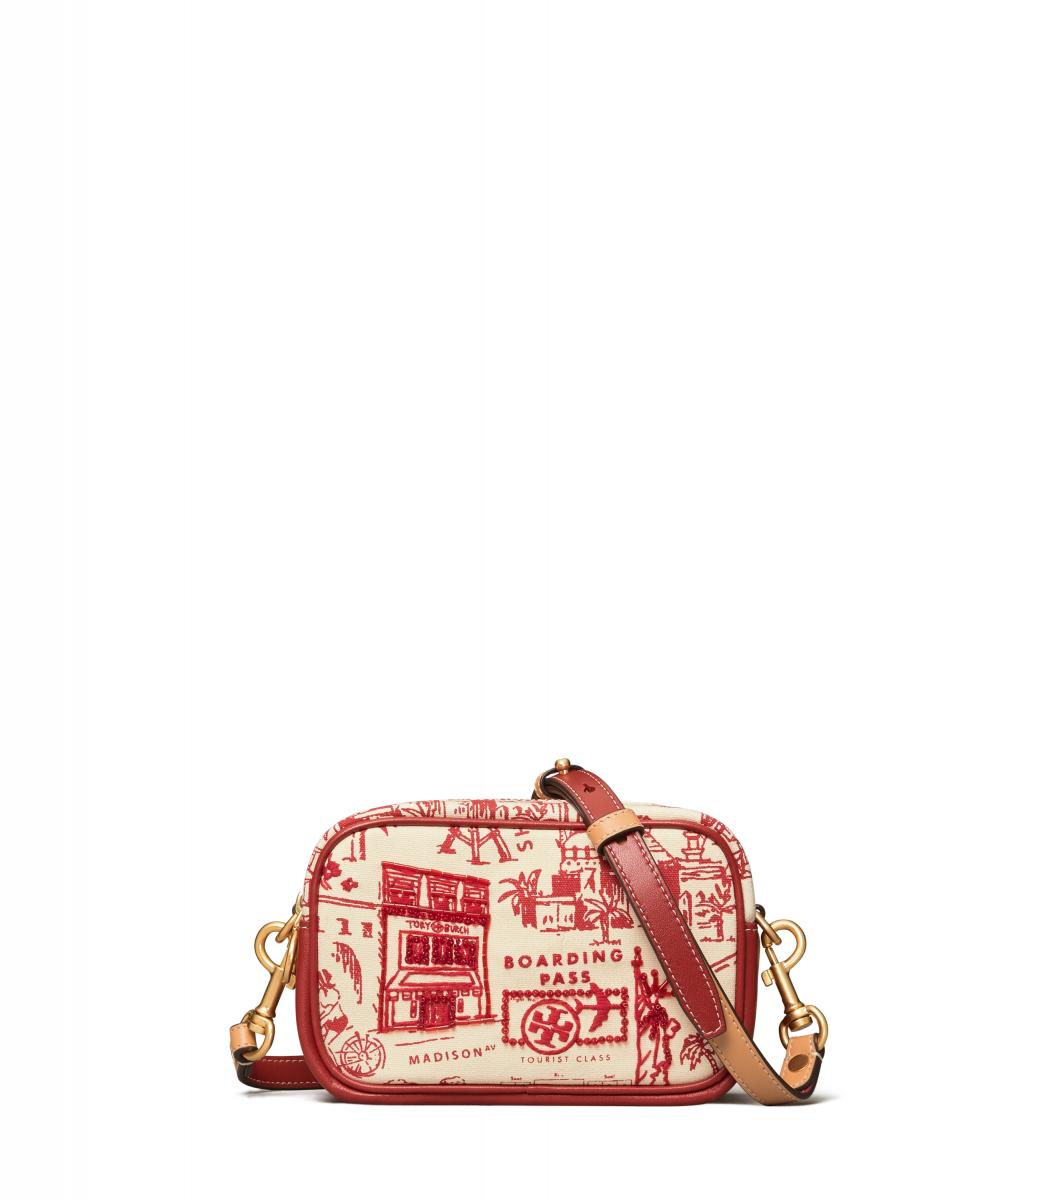 ペリー プリンテッド キャンバス ミニ バッグ(W17×H11×D7cm)¥43,000/トリー バーチ ジャパン